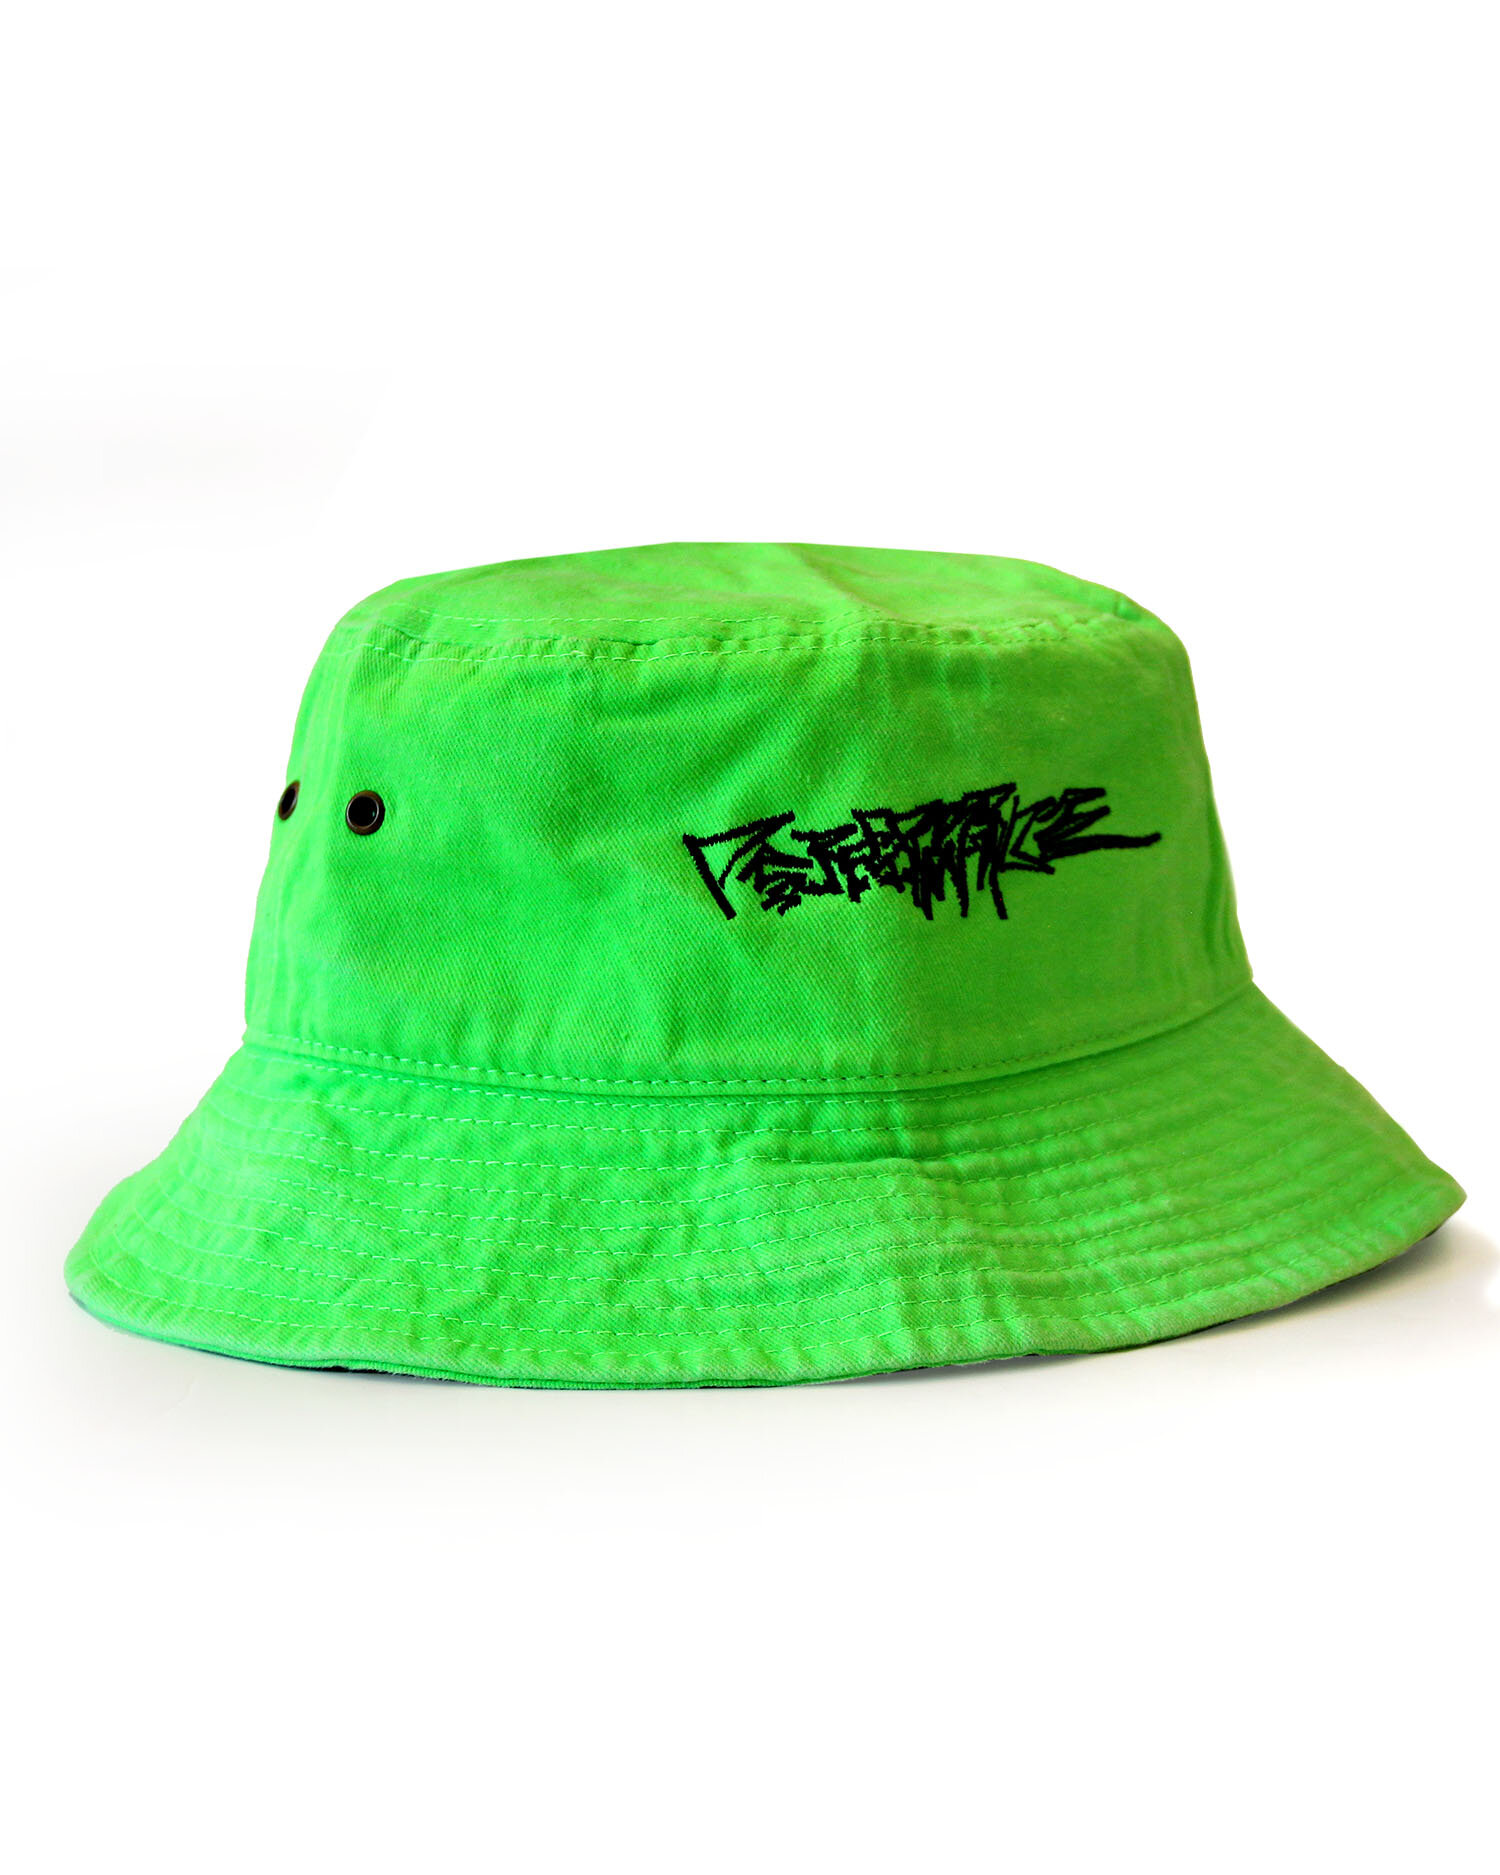 Bucket Cap Neon Green Performance